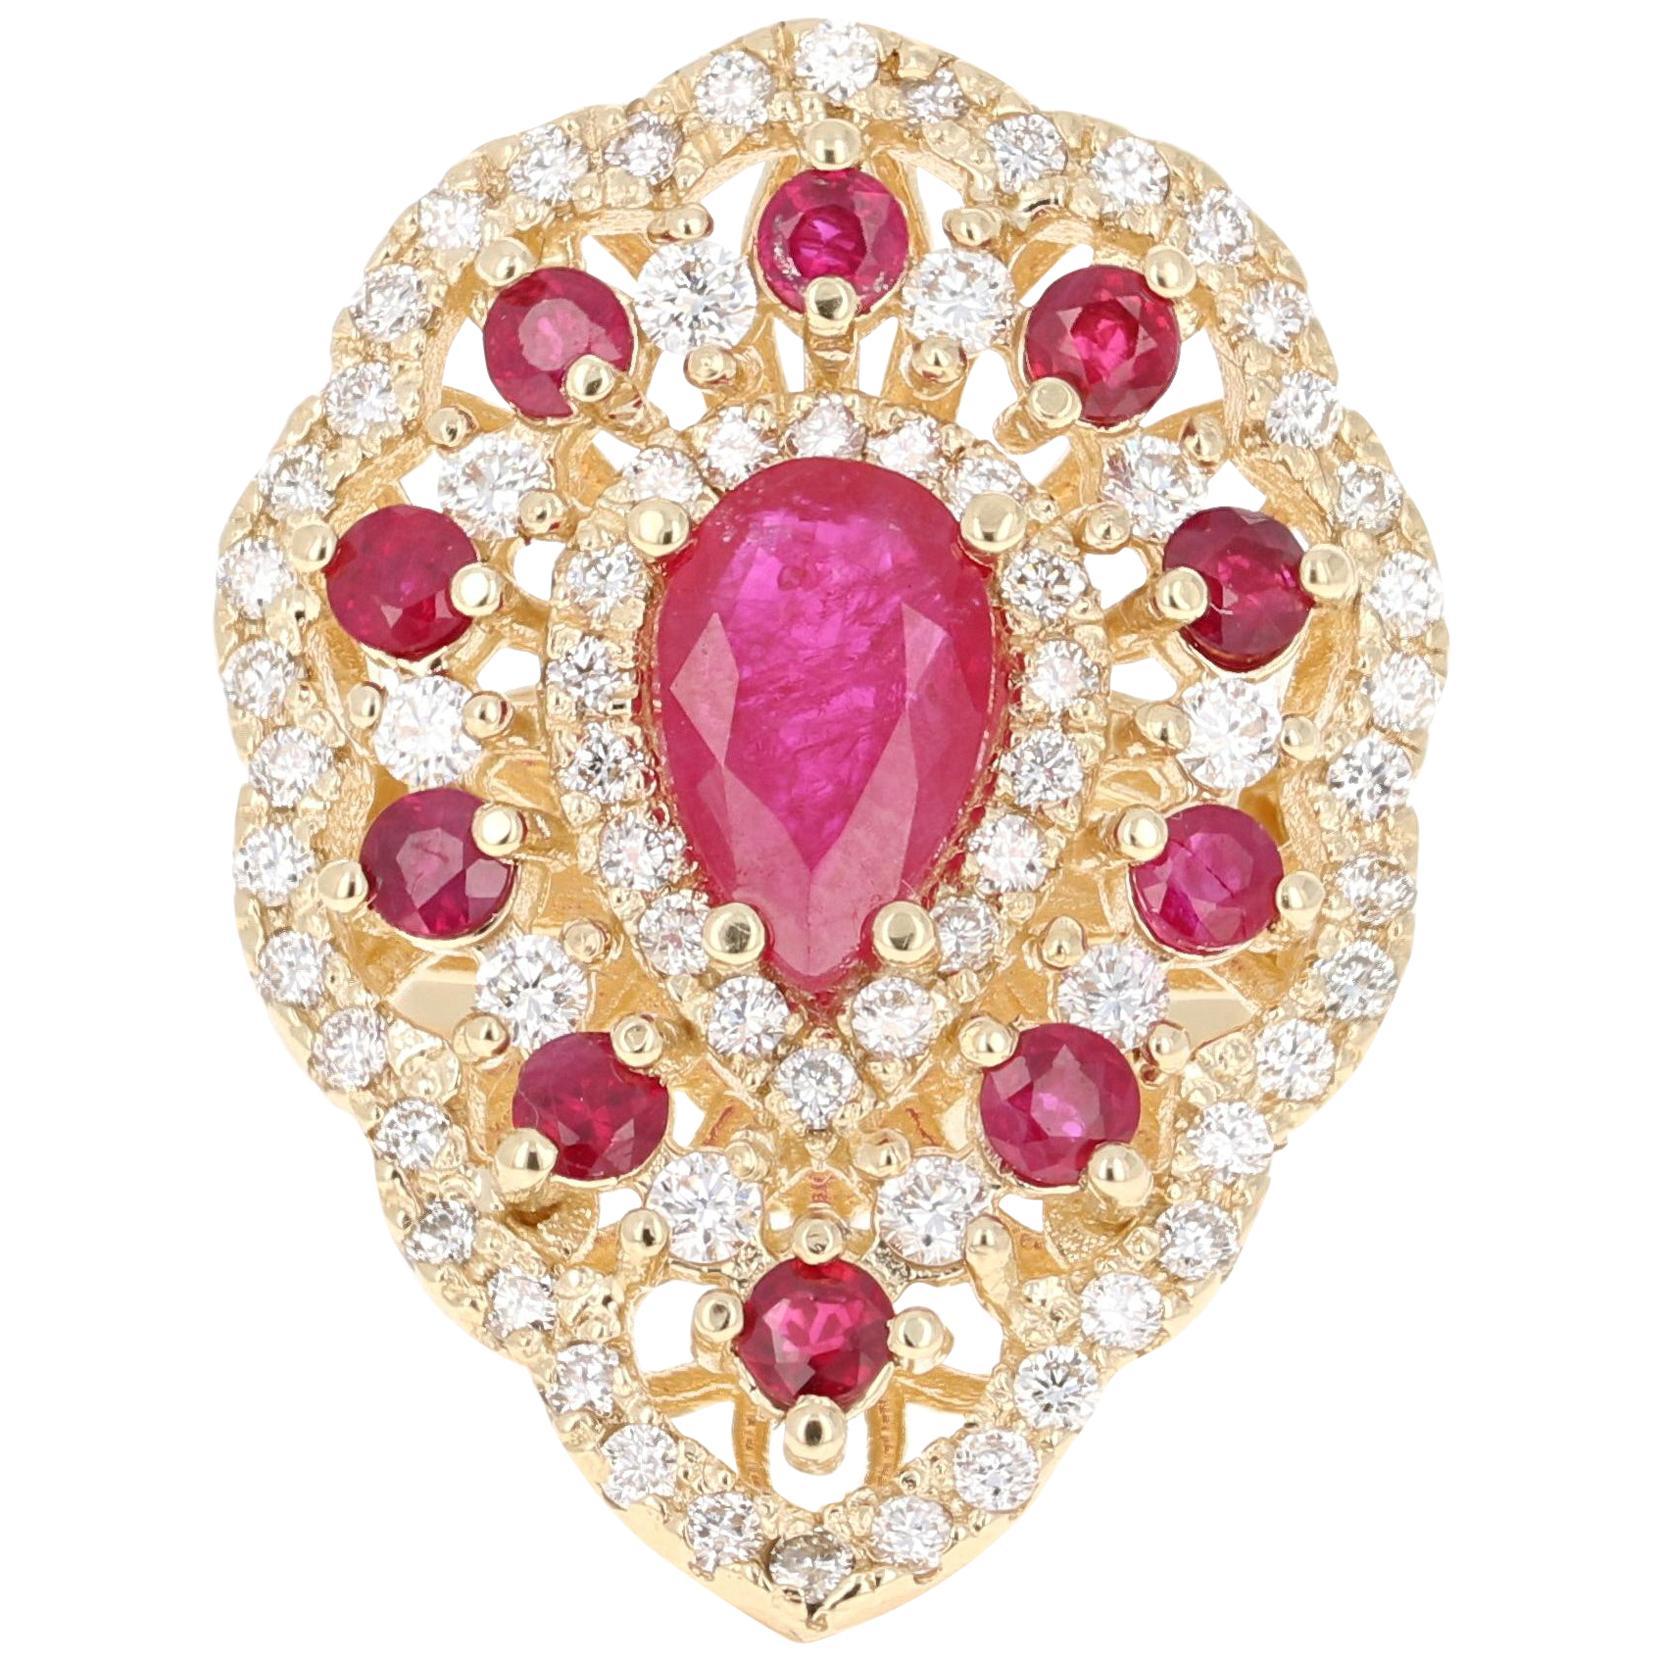 3.38 Carat Ruby Diamond 14 Karat Yellow Gold Cocktail Ring